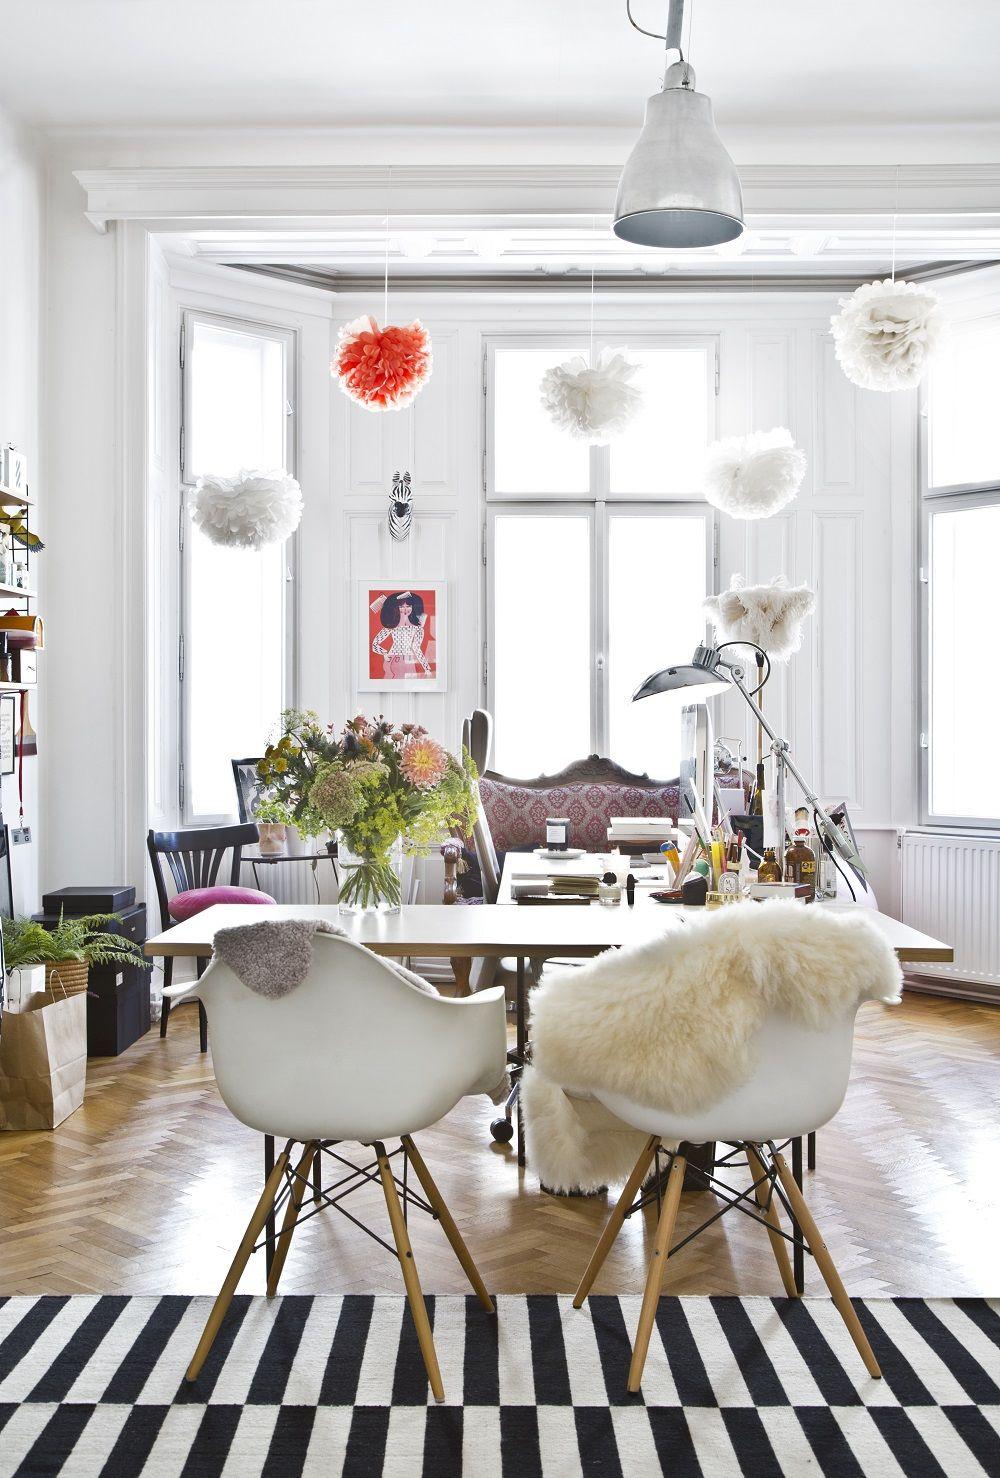 Sitzgruppe Esszimmer Weiss Honig: Bunte Pompoms, Frische Blumen, Ein Gestreifter Teppich